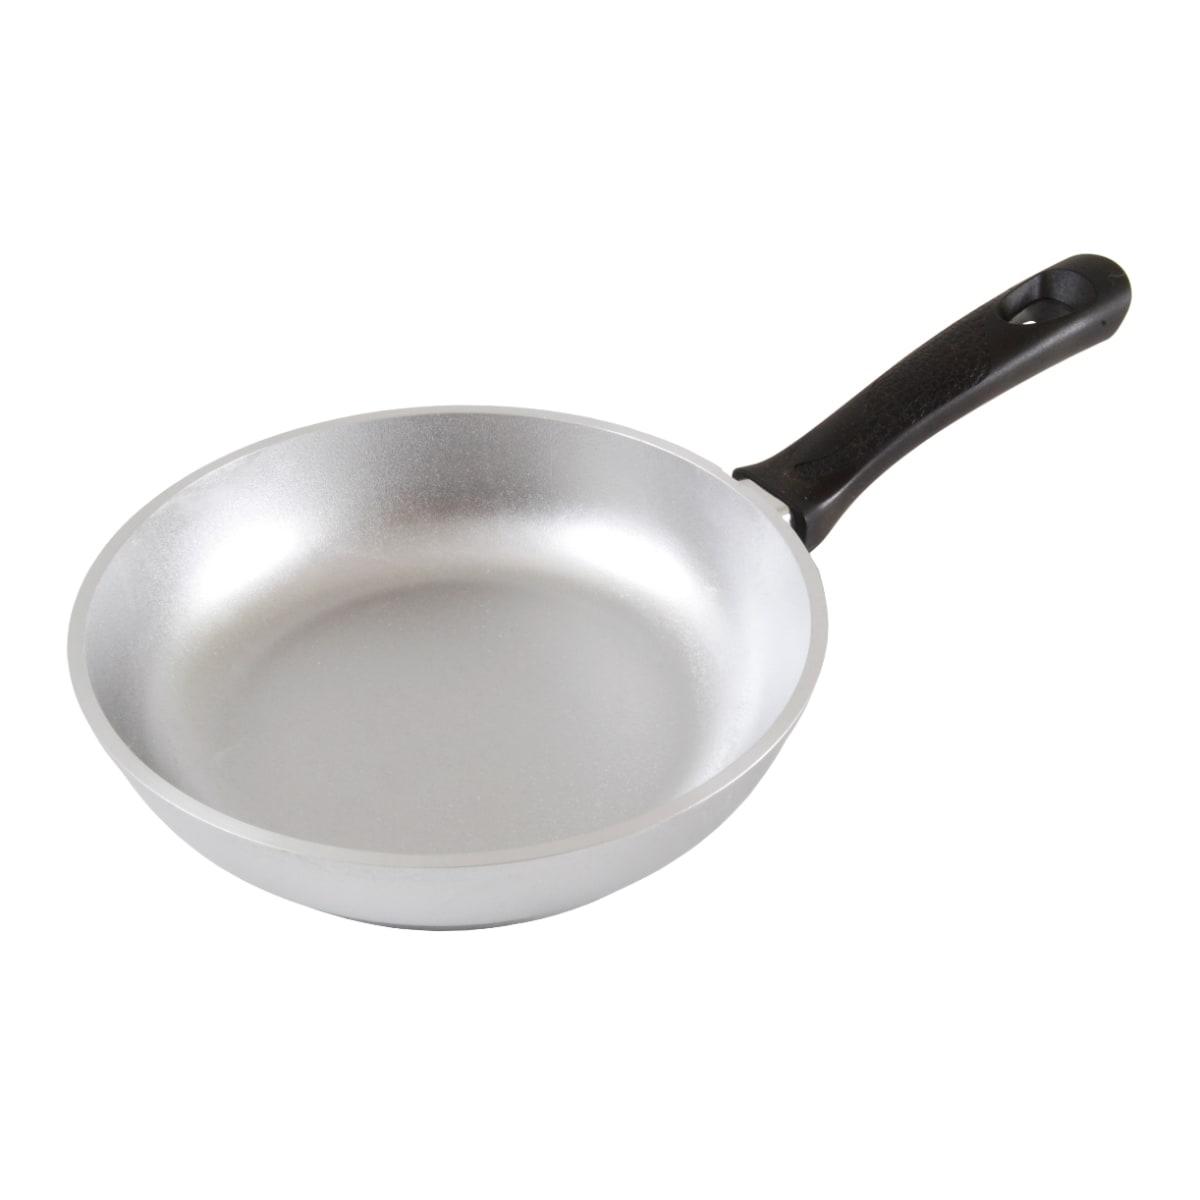 Сковорода универсальная Kukmara с262, 26 см